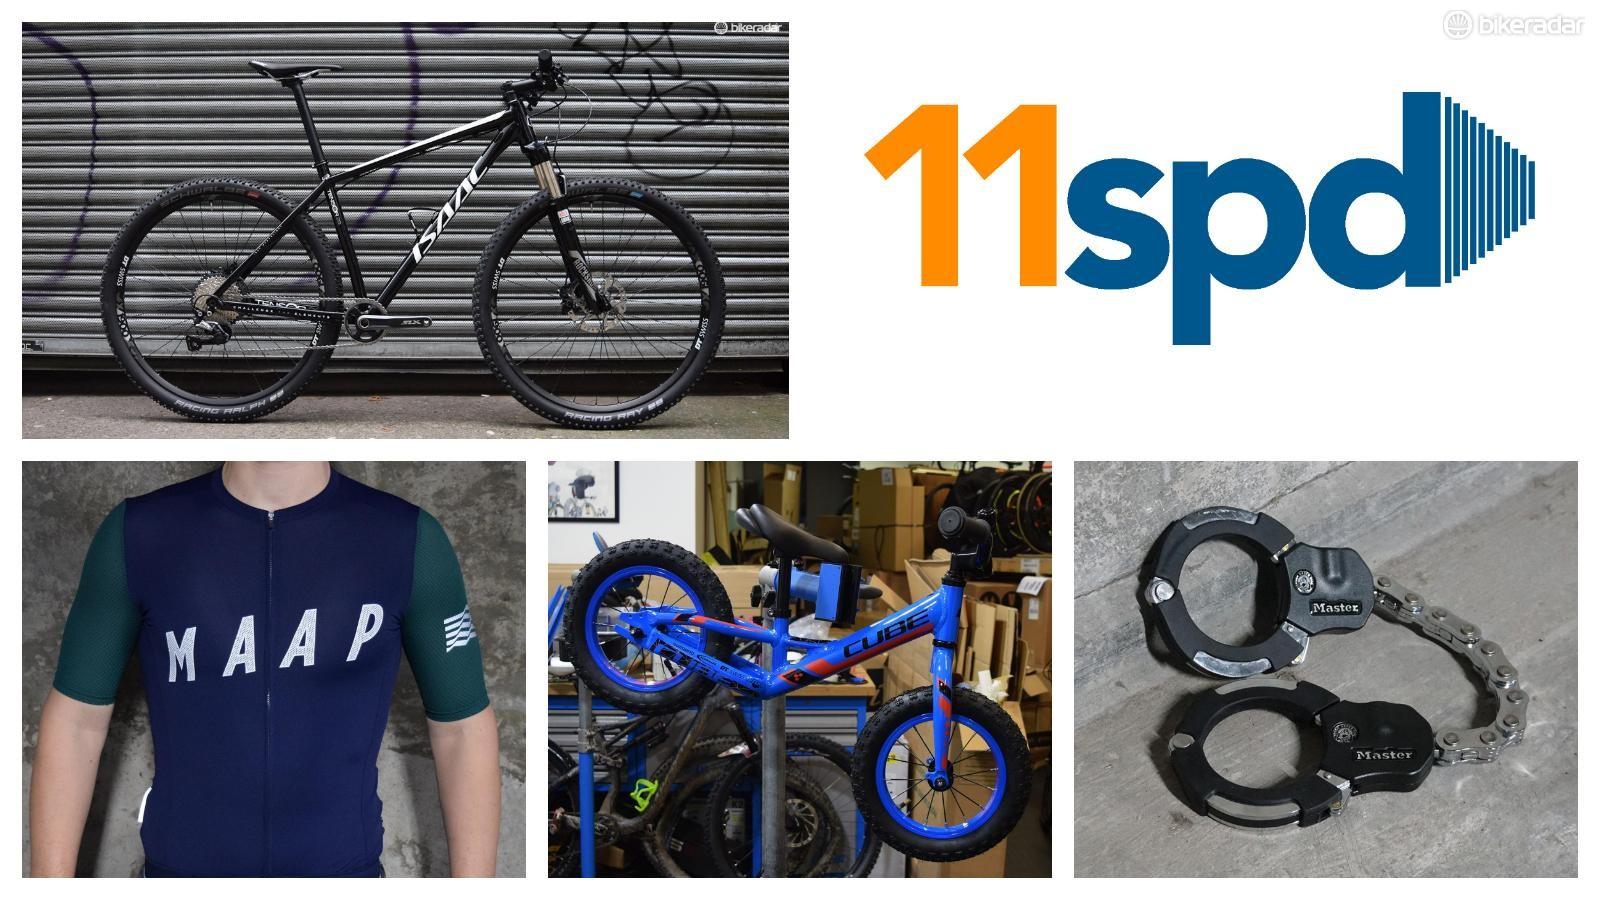 This week at BikeRadar